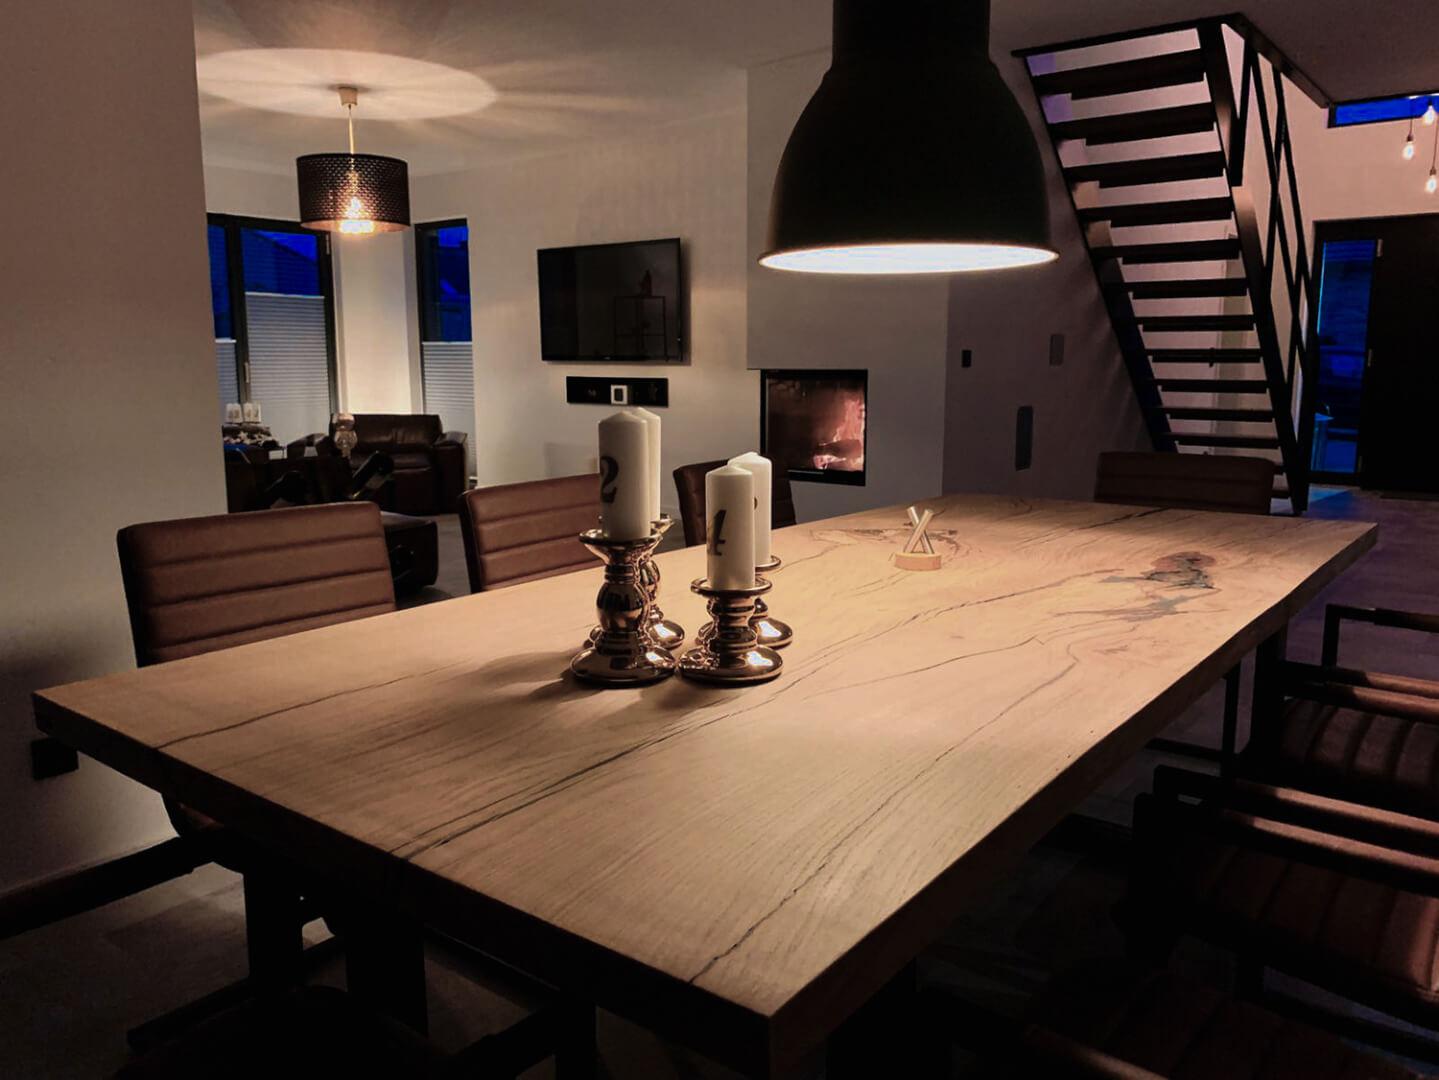 Eichentisch | Tisch Unikate | Eichenholz Tische | Hamburg